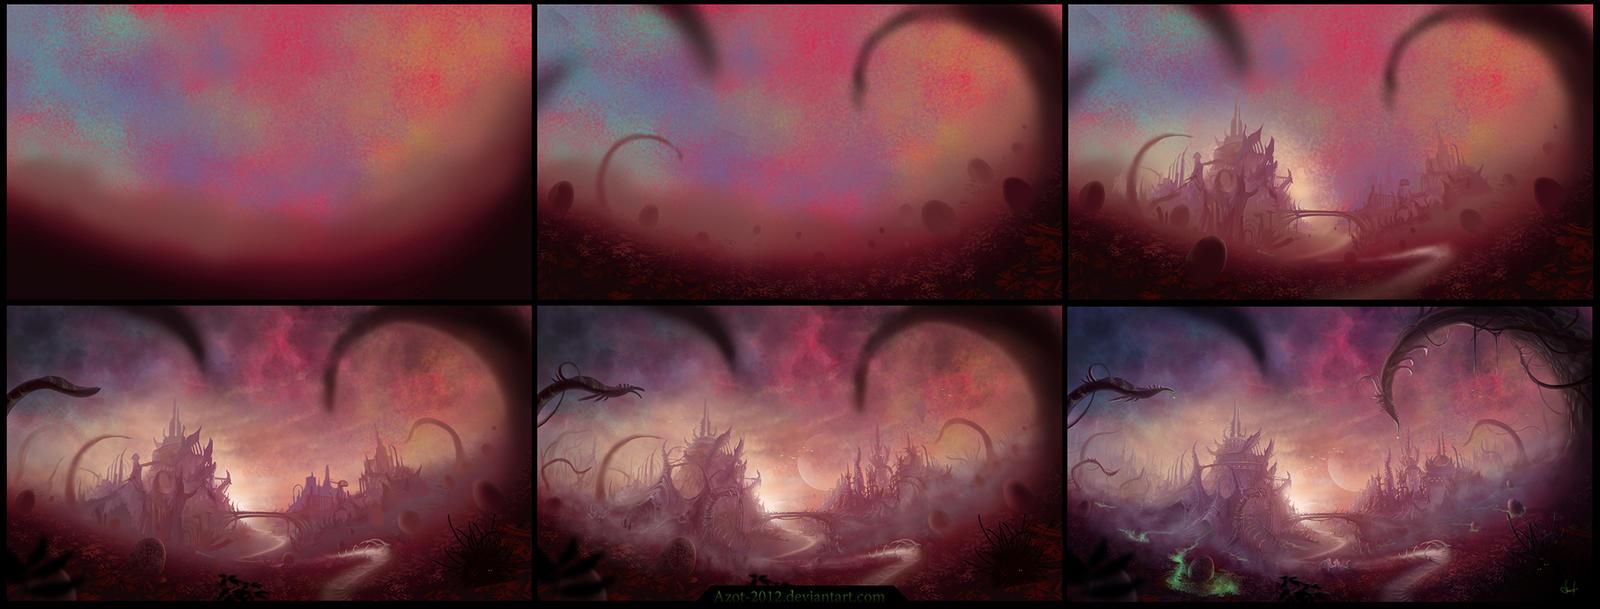 Aliens in process by Azot2015